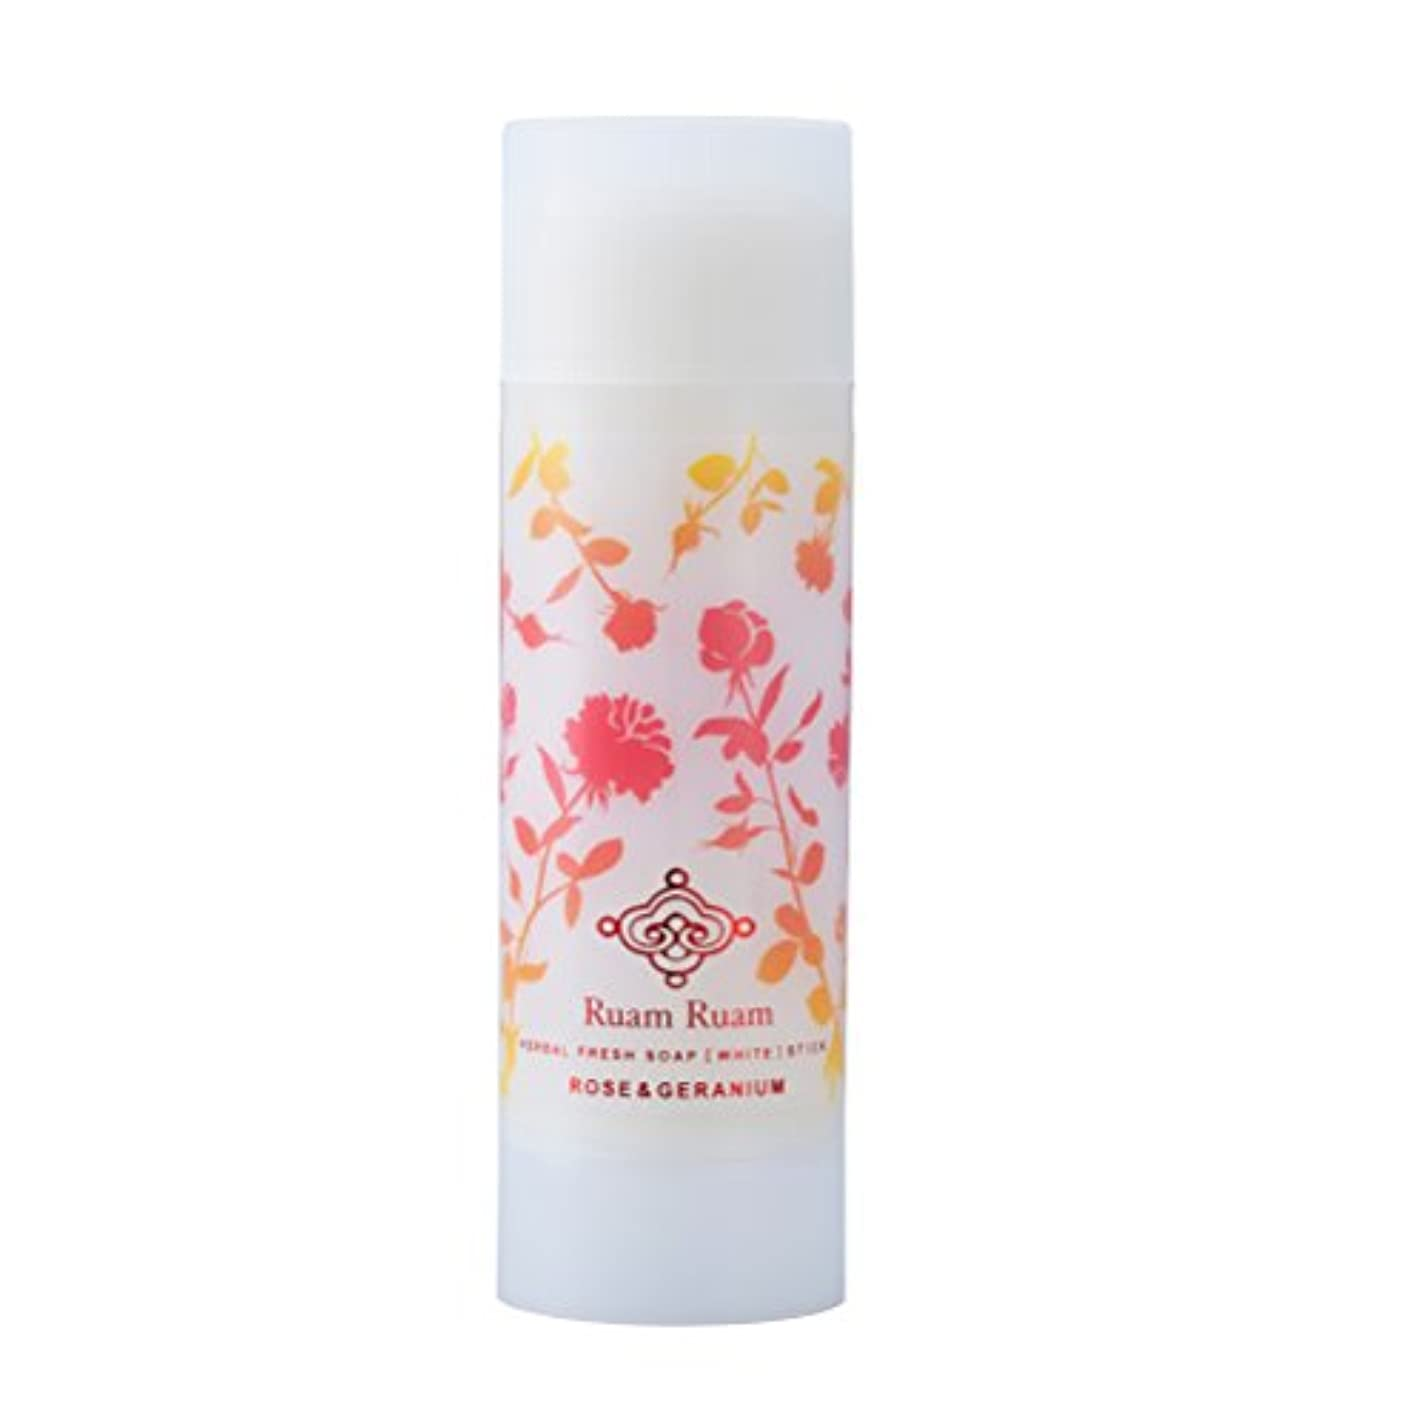 グローブ世界記録のギネスブック公式ルアンルアン(Ruam Ruam) 洗顔石鹸(白) ローズアンドゼラニウム 90g